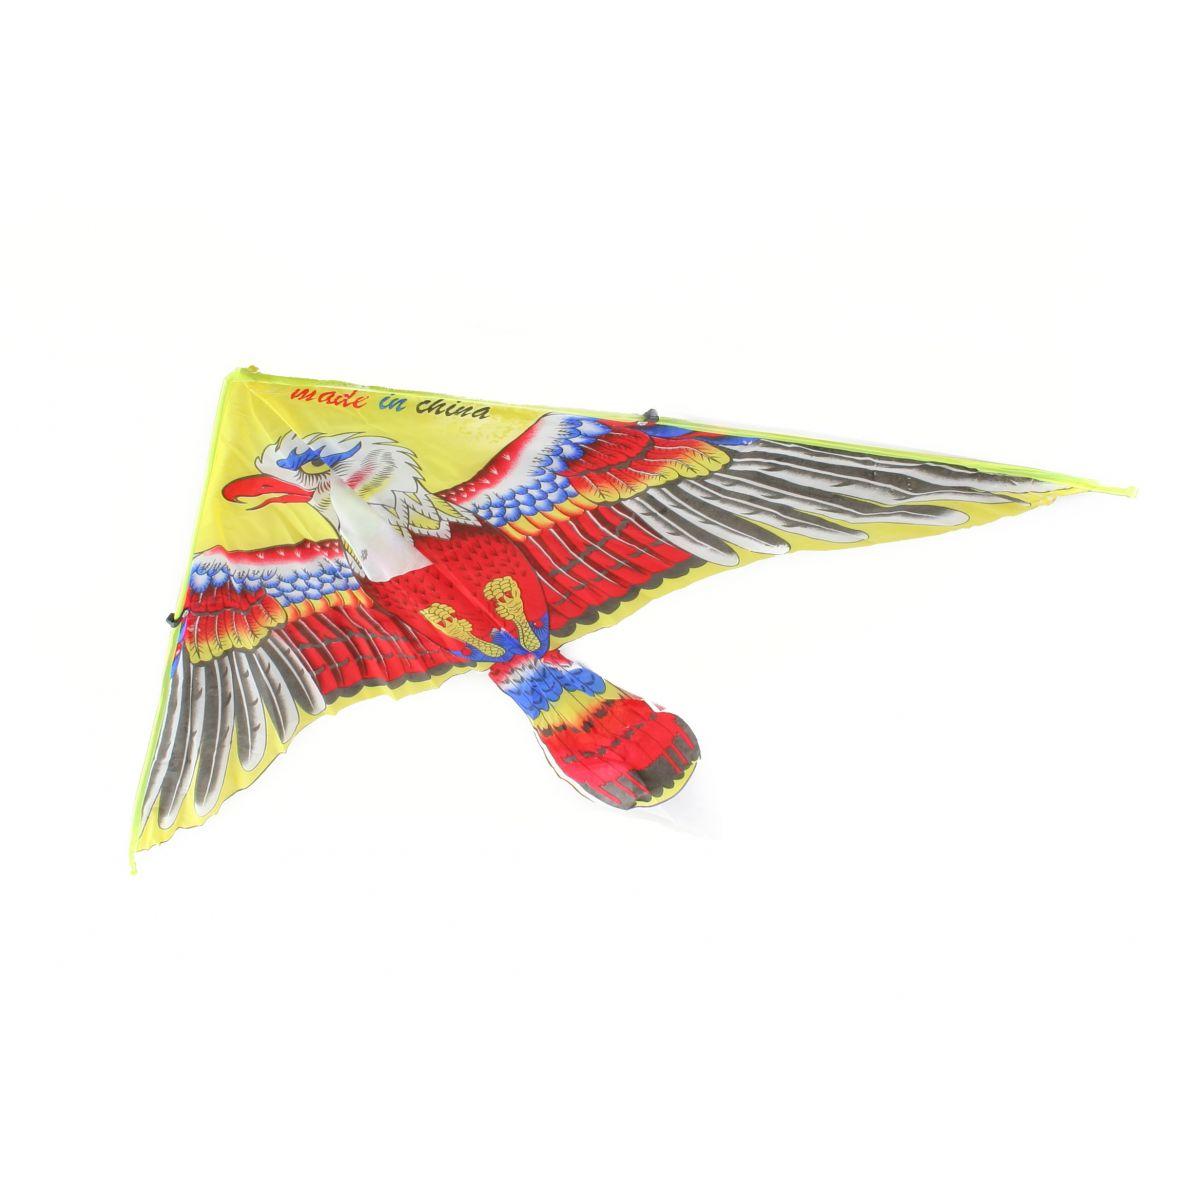 Drak lietajúcí nylonová orlica